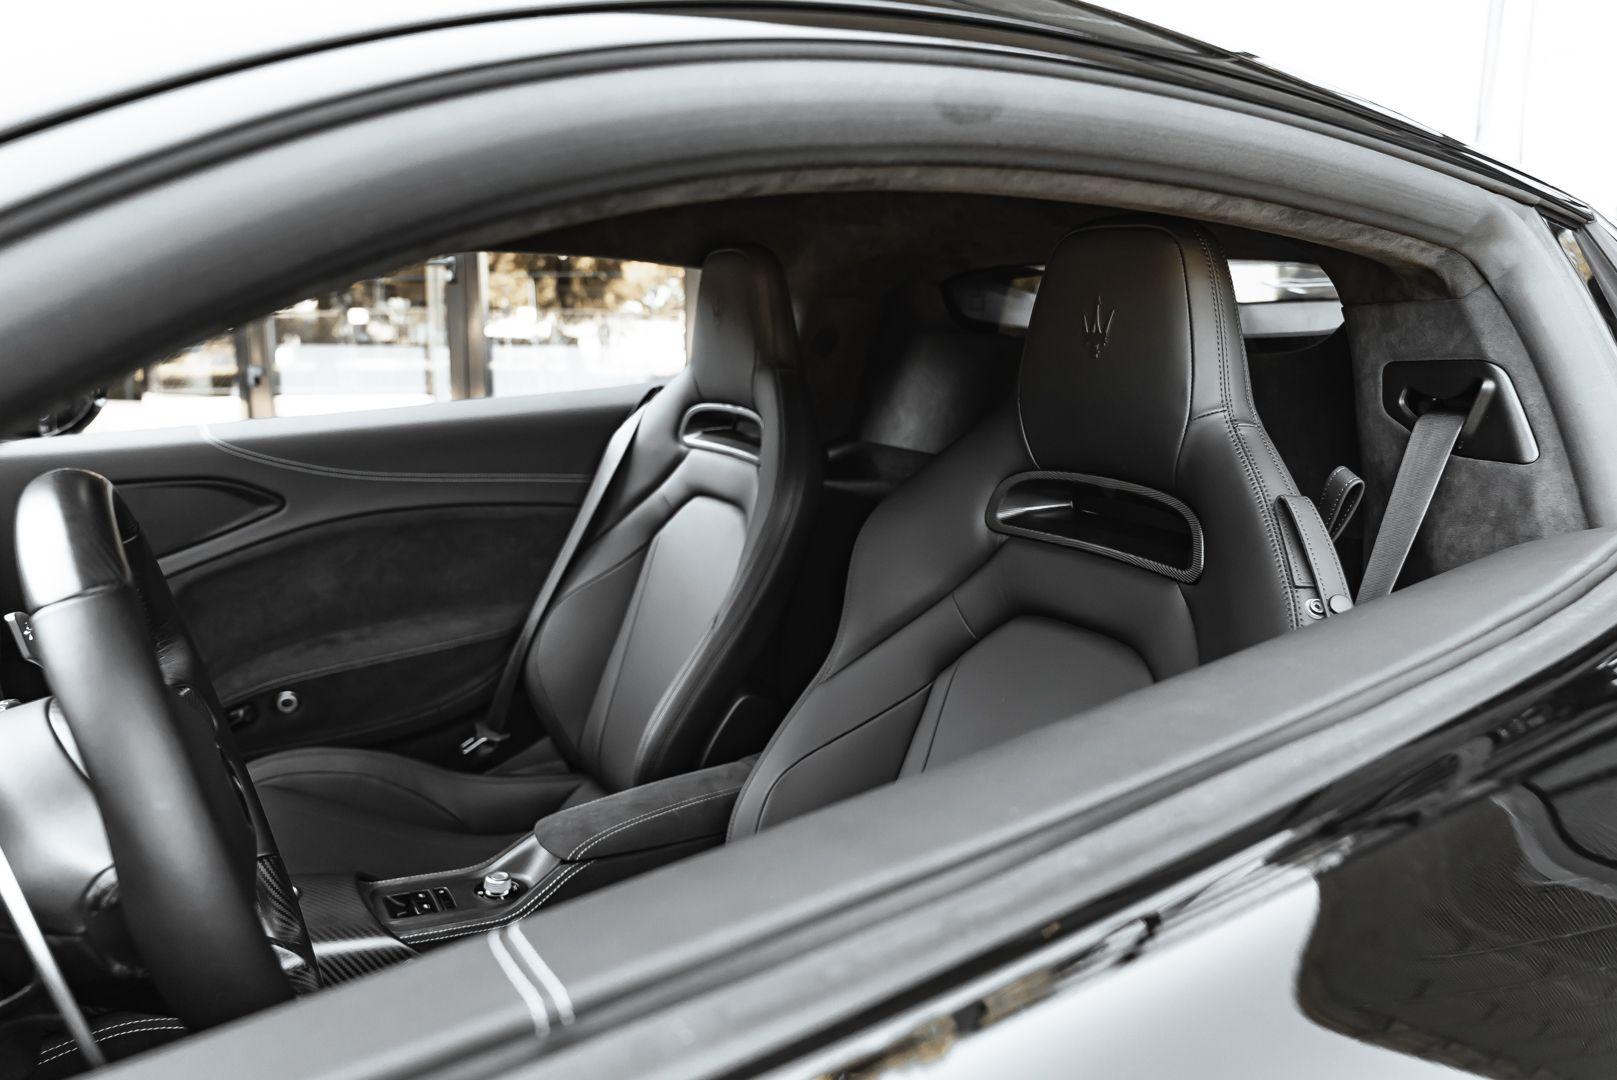 2021 Maserati MC20 84453